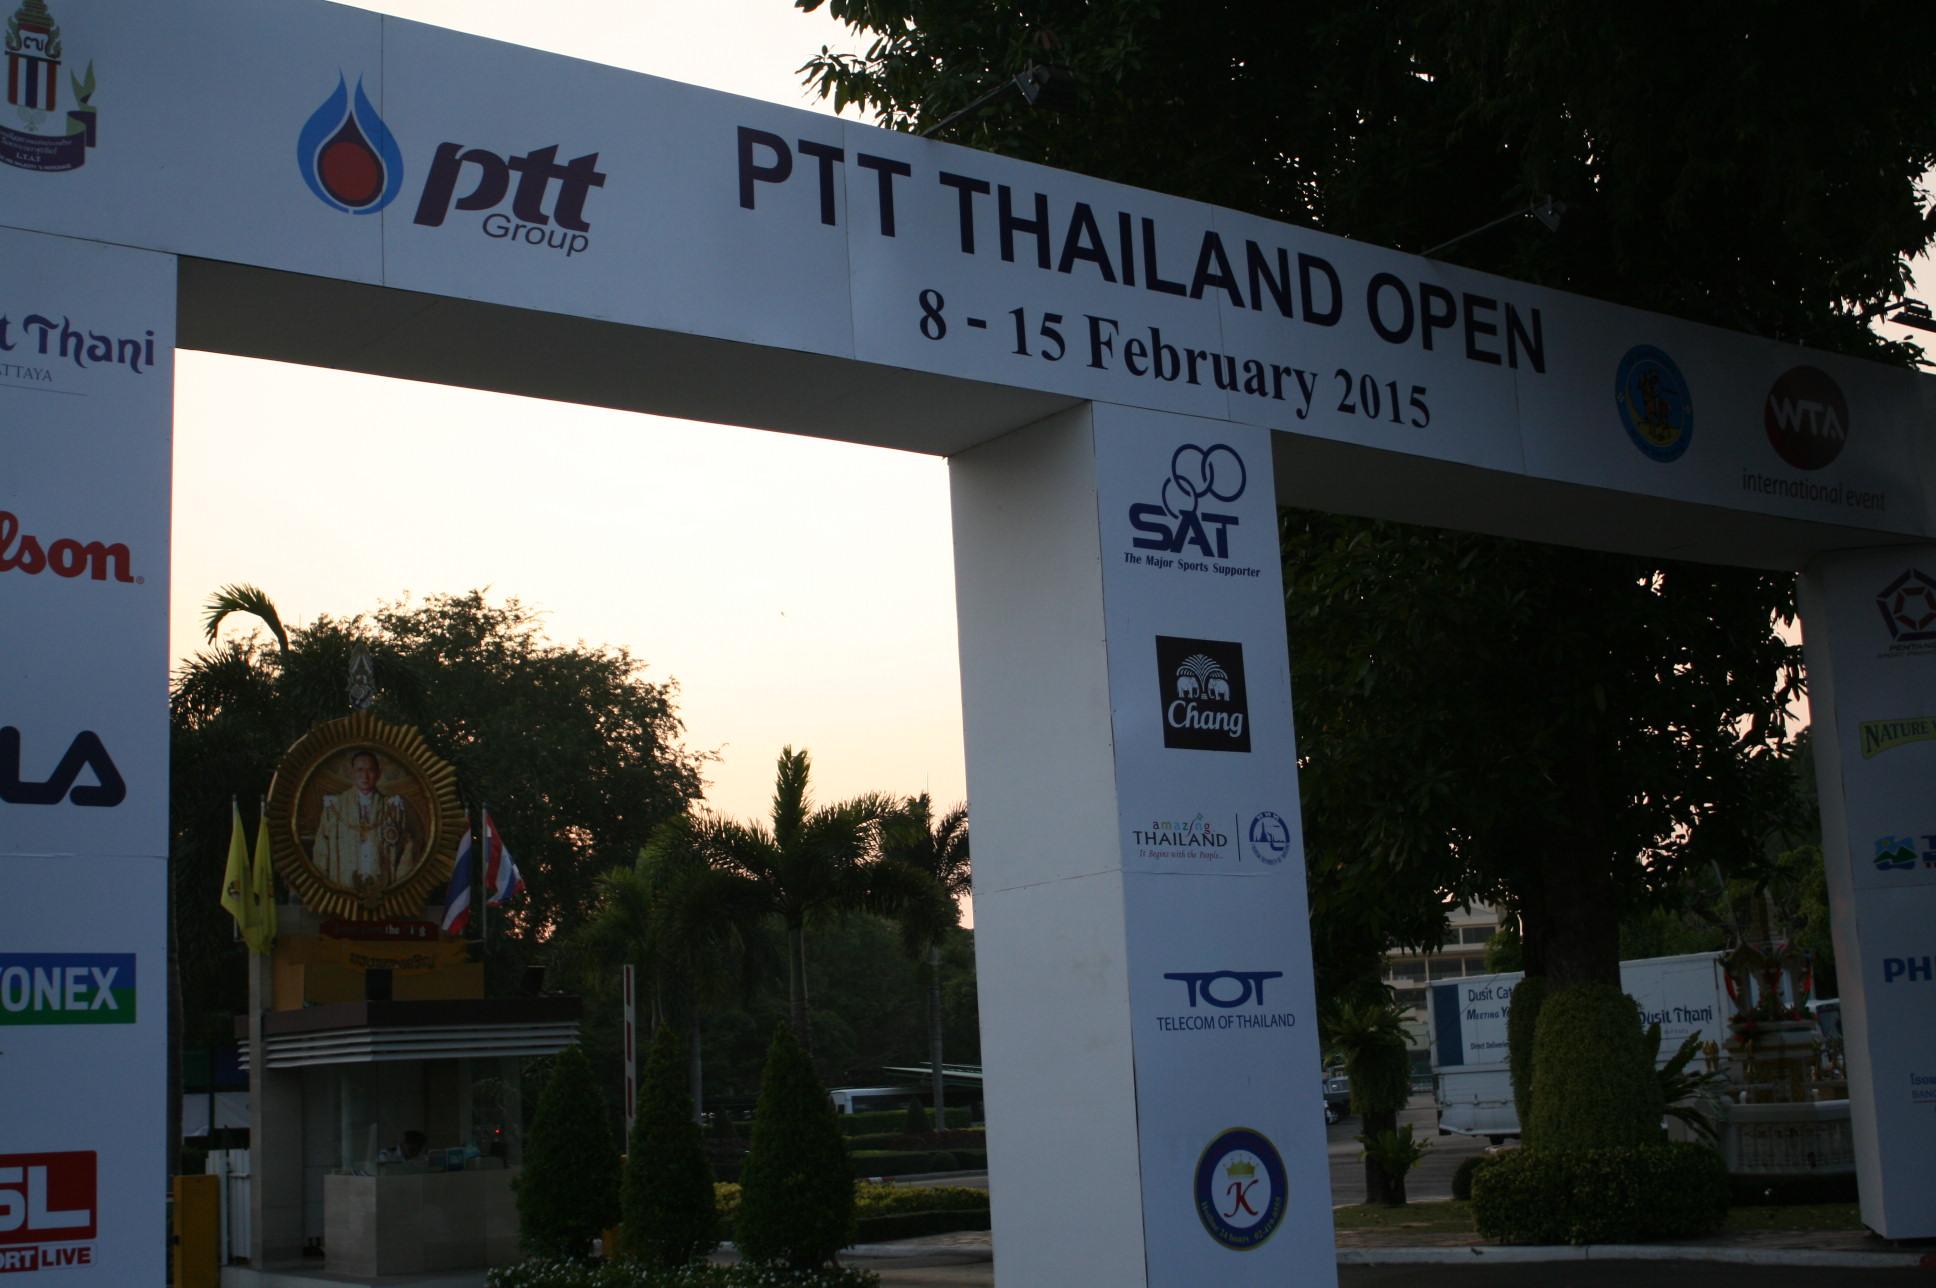 PTT Thailand open